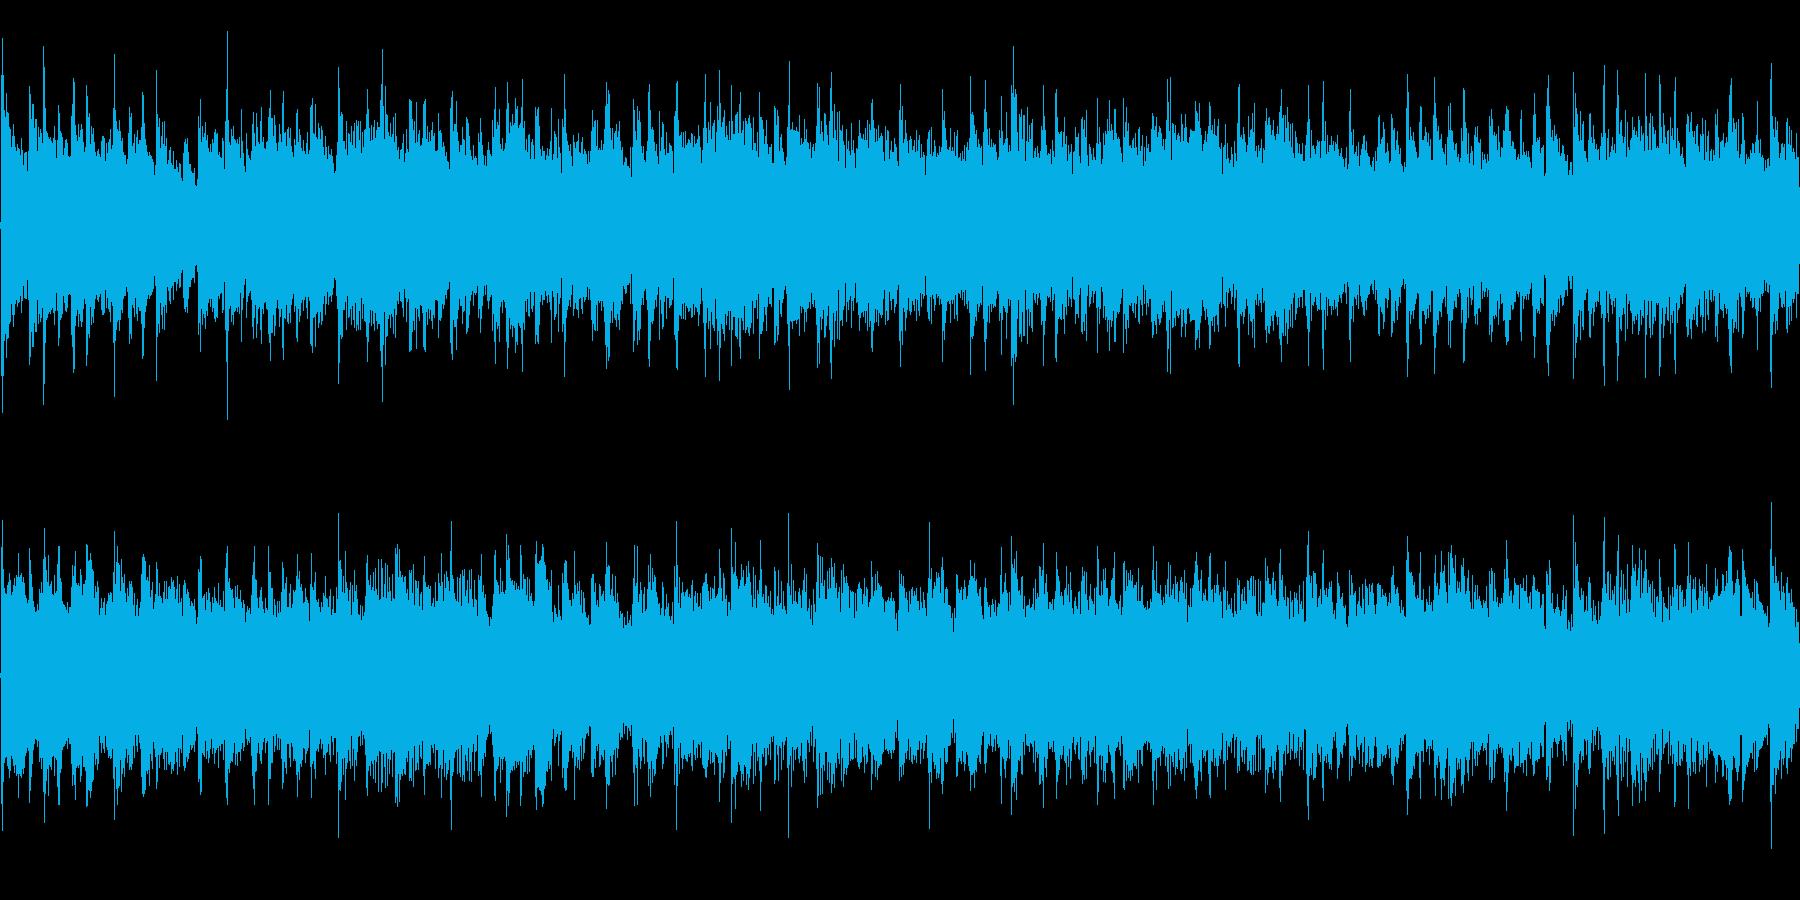 美しいアコースティックギター016の再生済みの波形